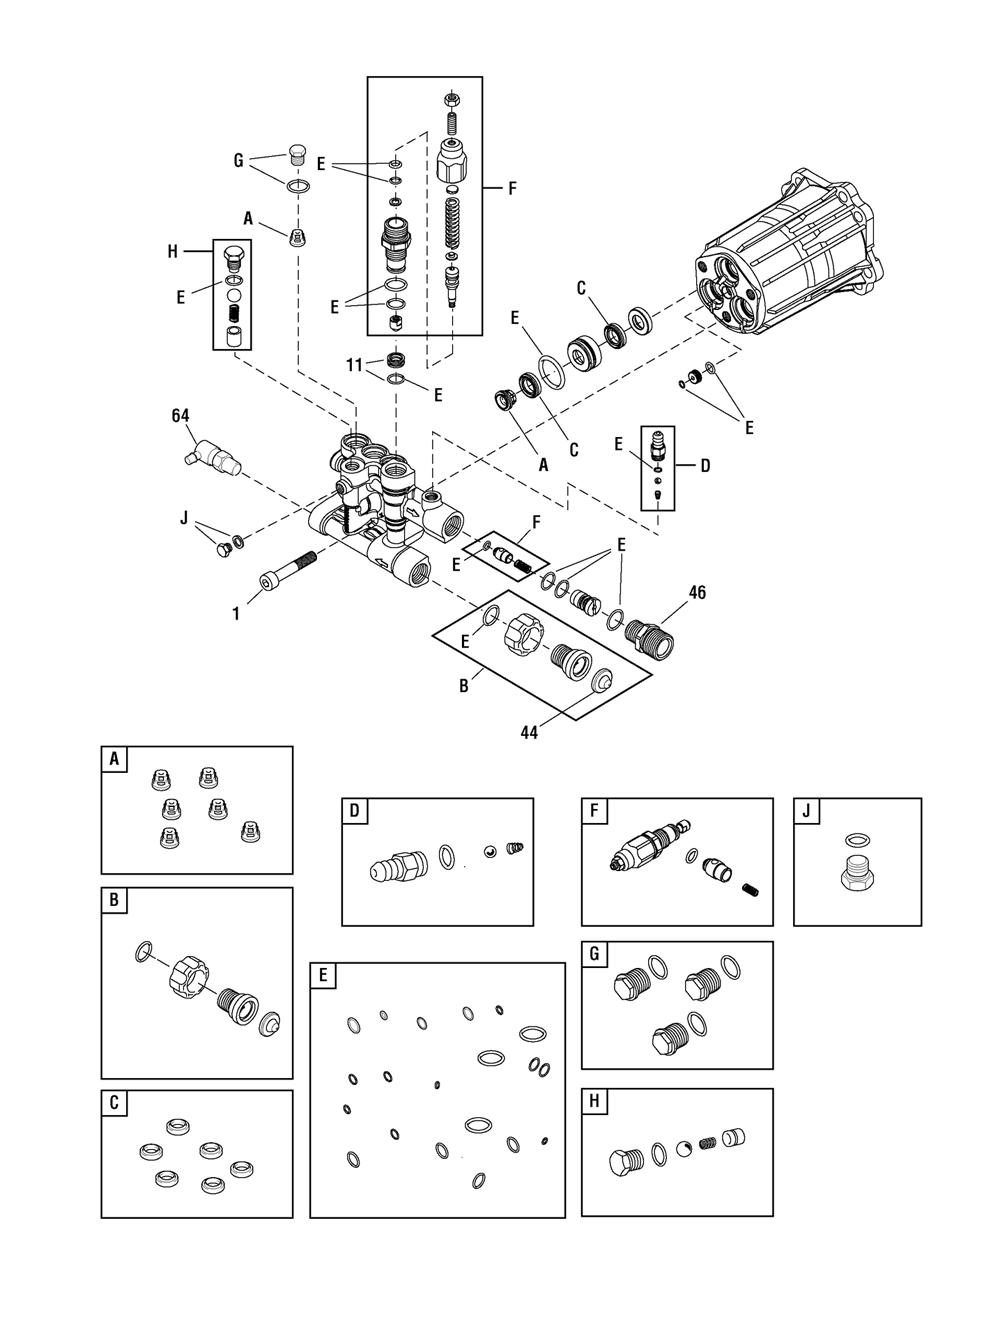 020321-1-BriggsandStratton-PB-1Break Down